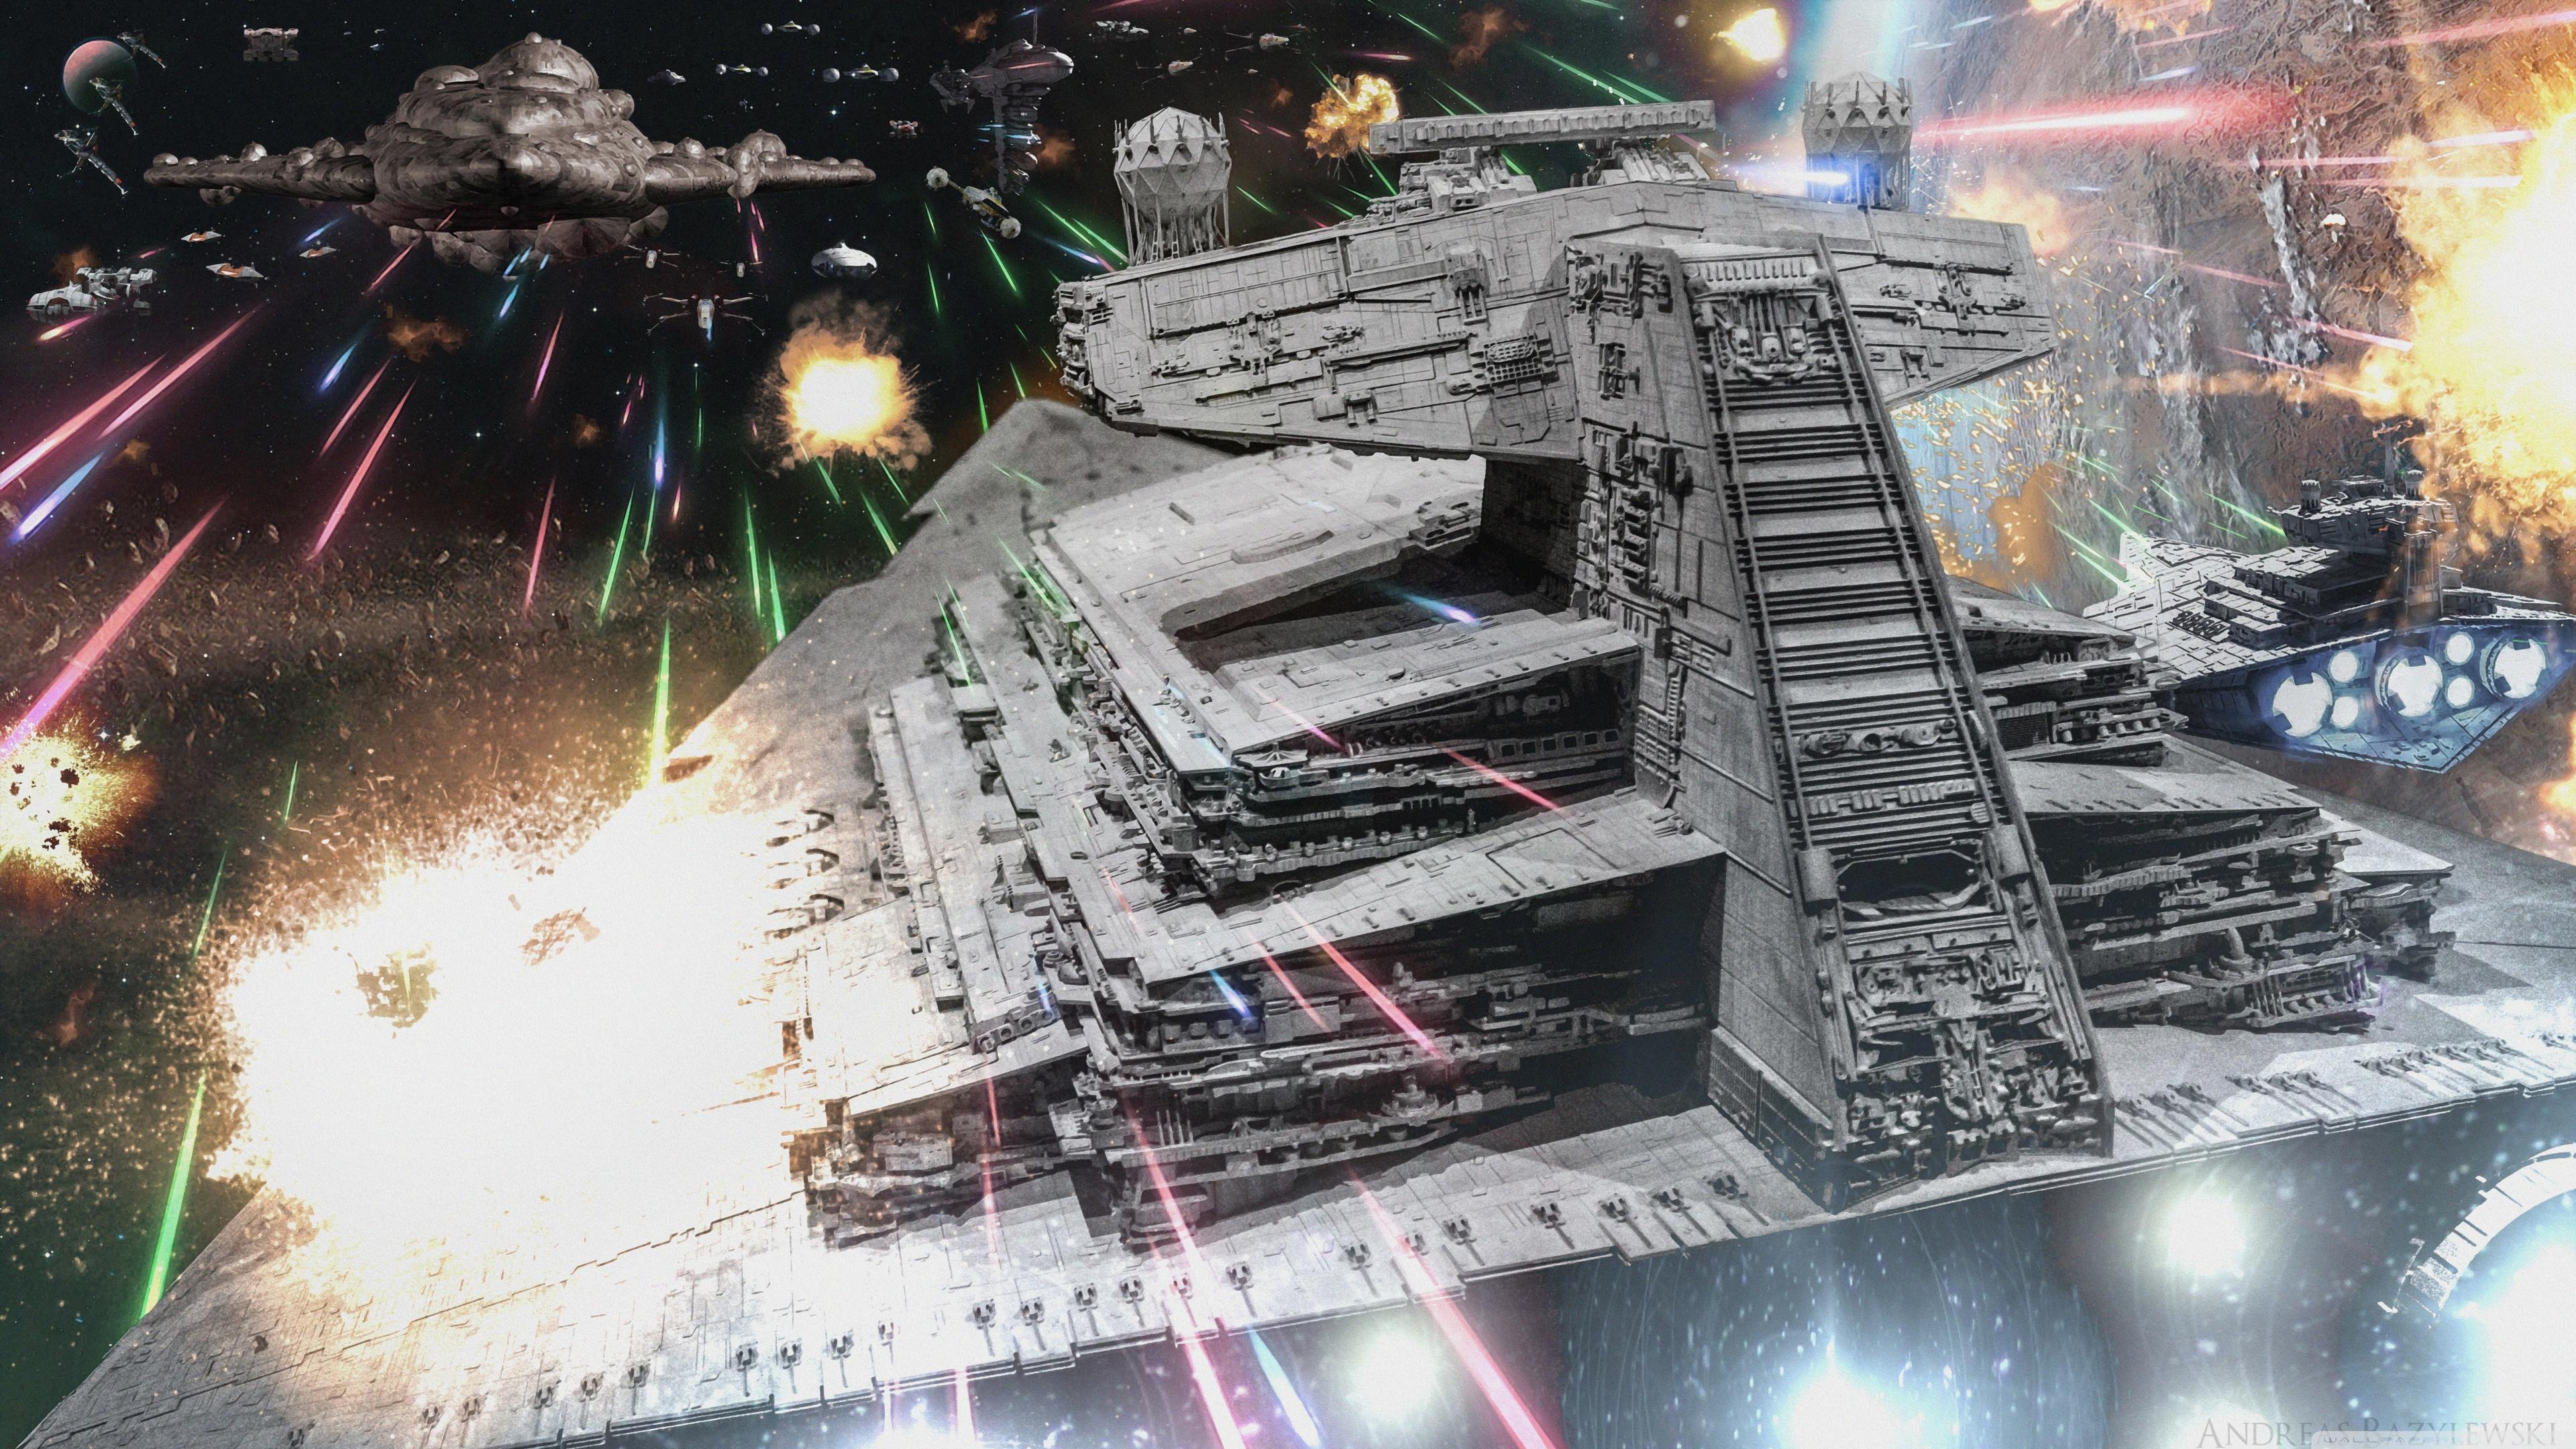 Star Wars Rebel Ambush 4K HD Desktop Wallpaper for 4K